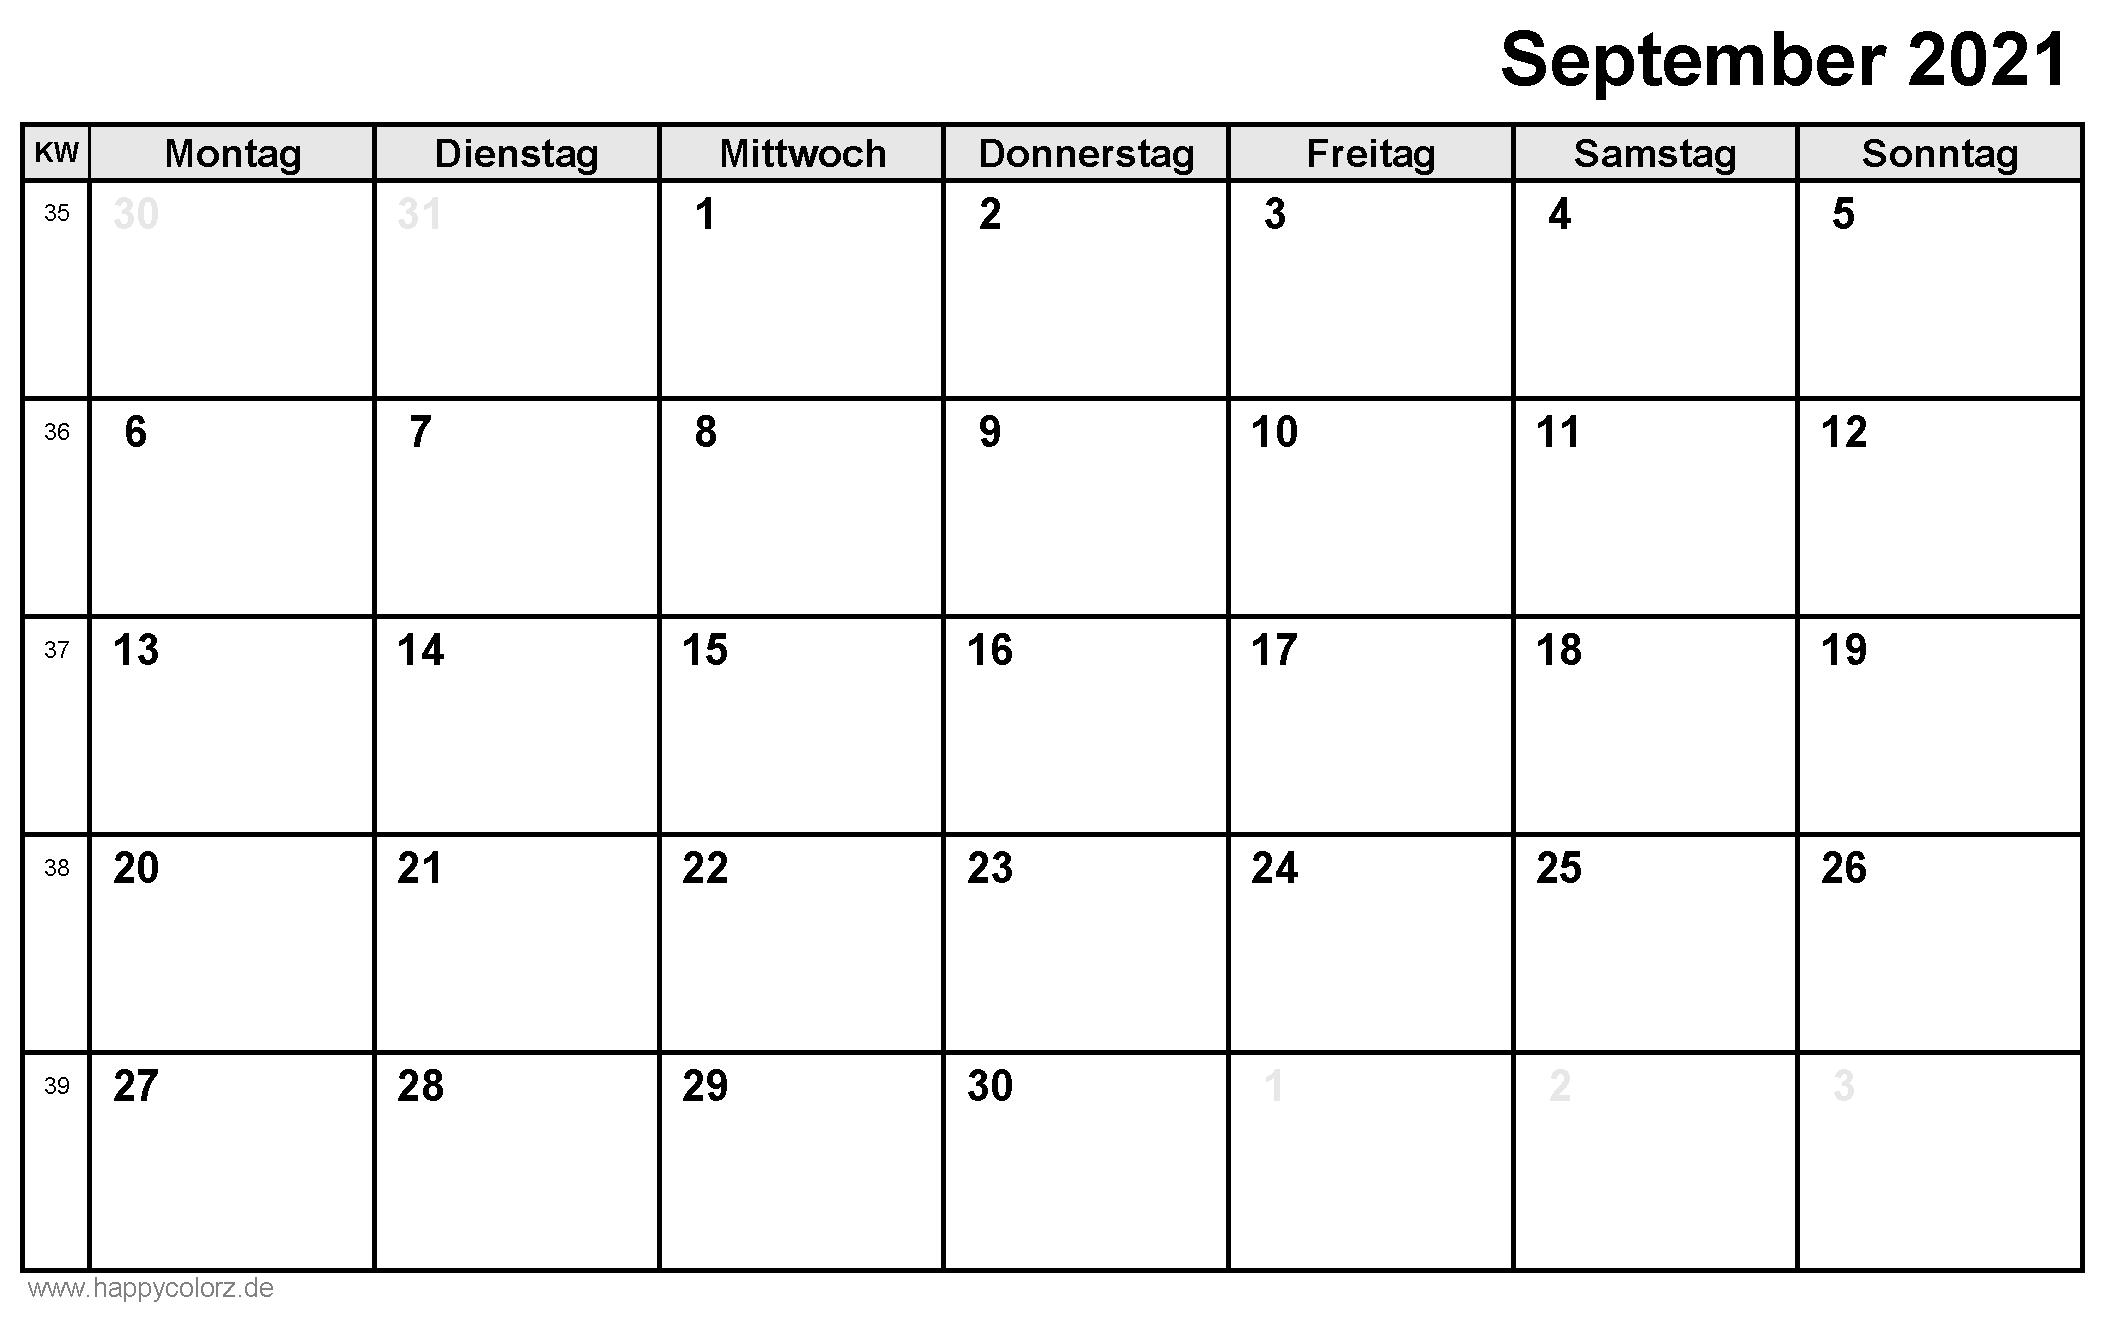 kalender september 2021 lengkap